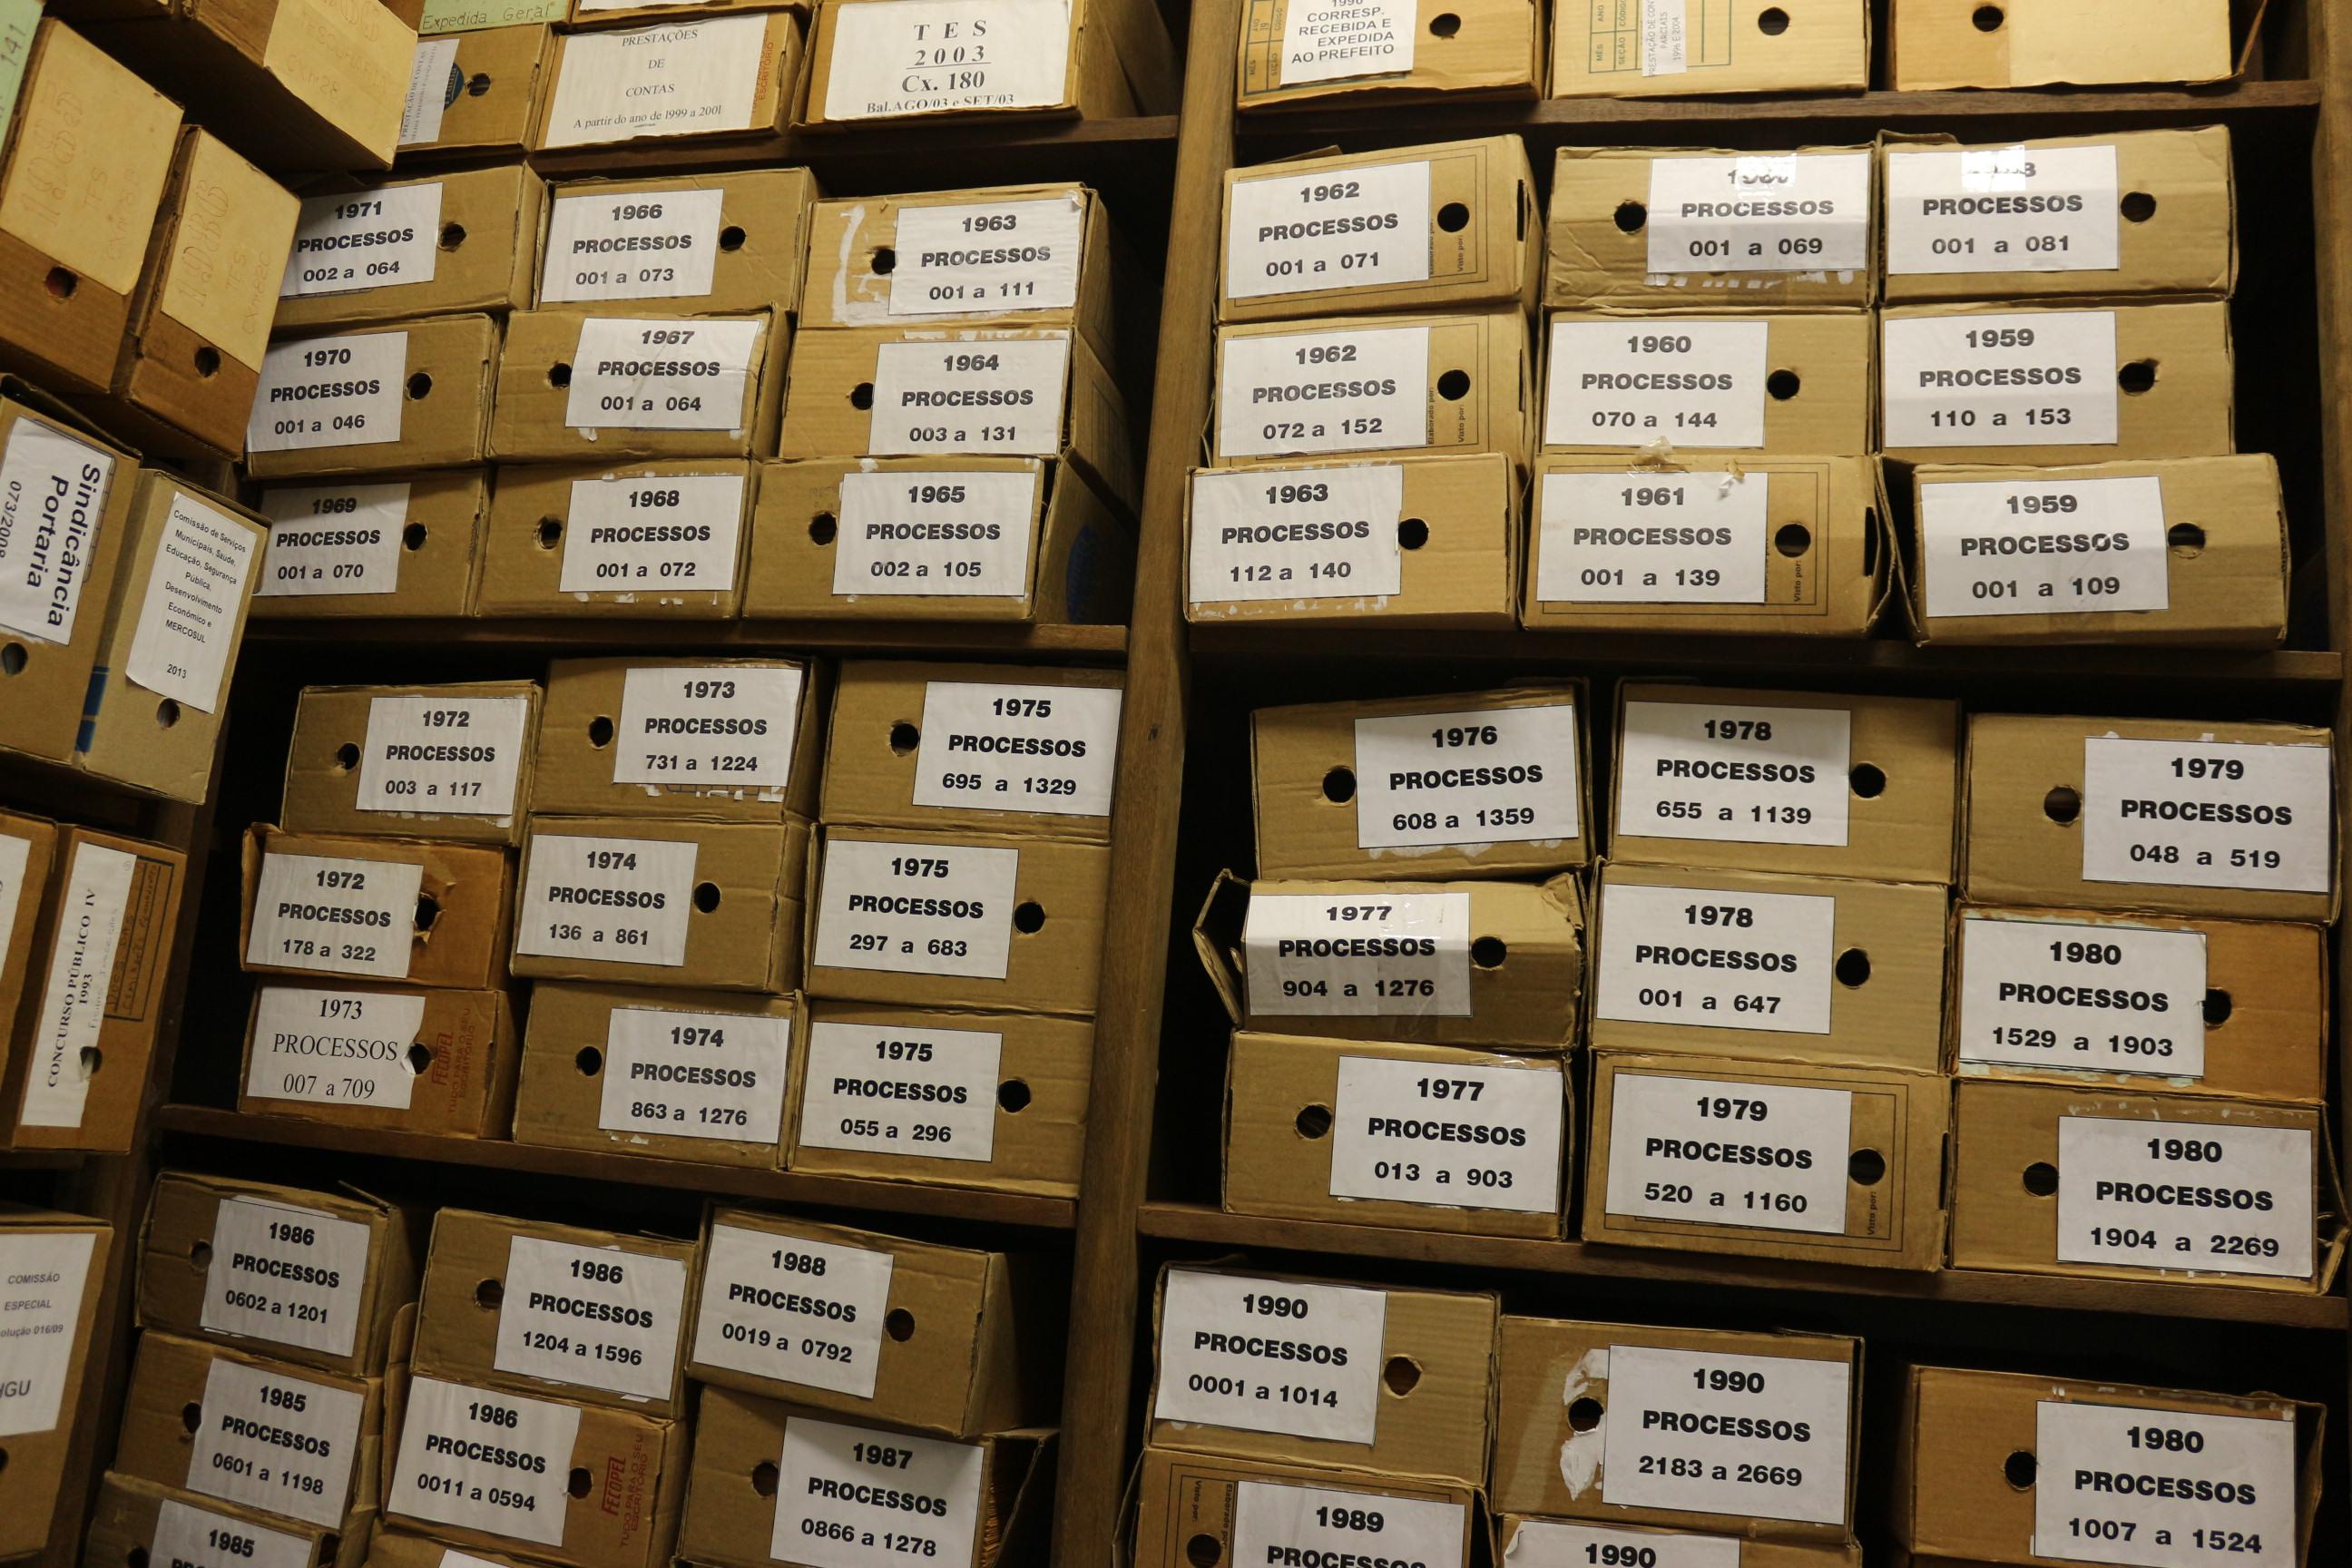 Arquivo permanente da Câmara é regulamentado